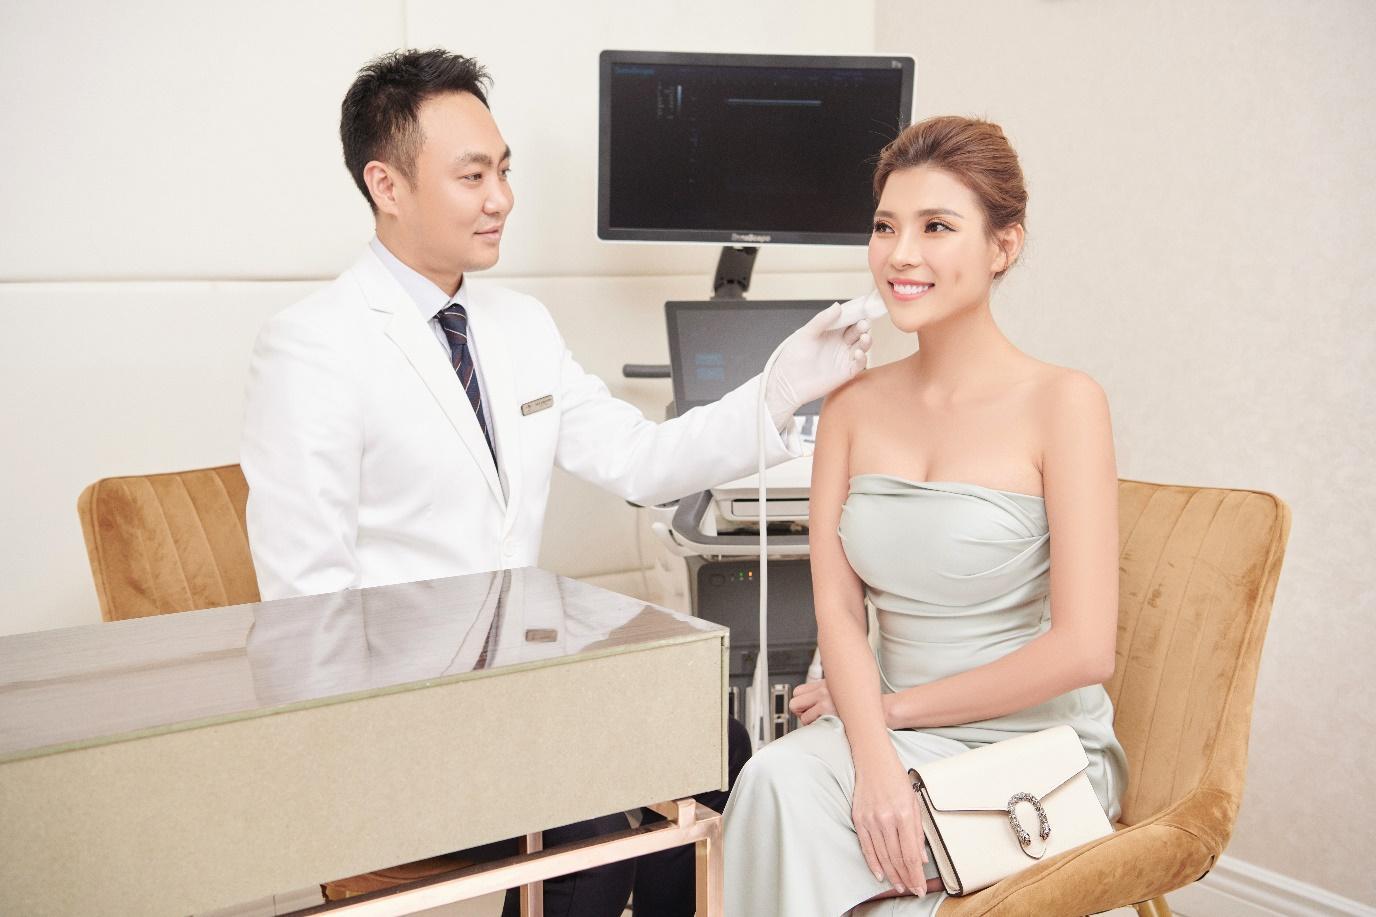 TATA International Clinic - Chương trình ưu đãi hấp dẫn cho phái đẹp - Ảnh 4